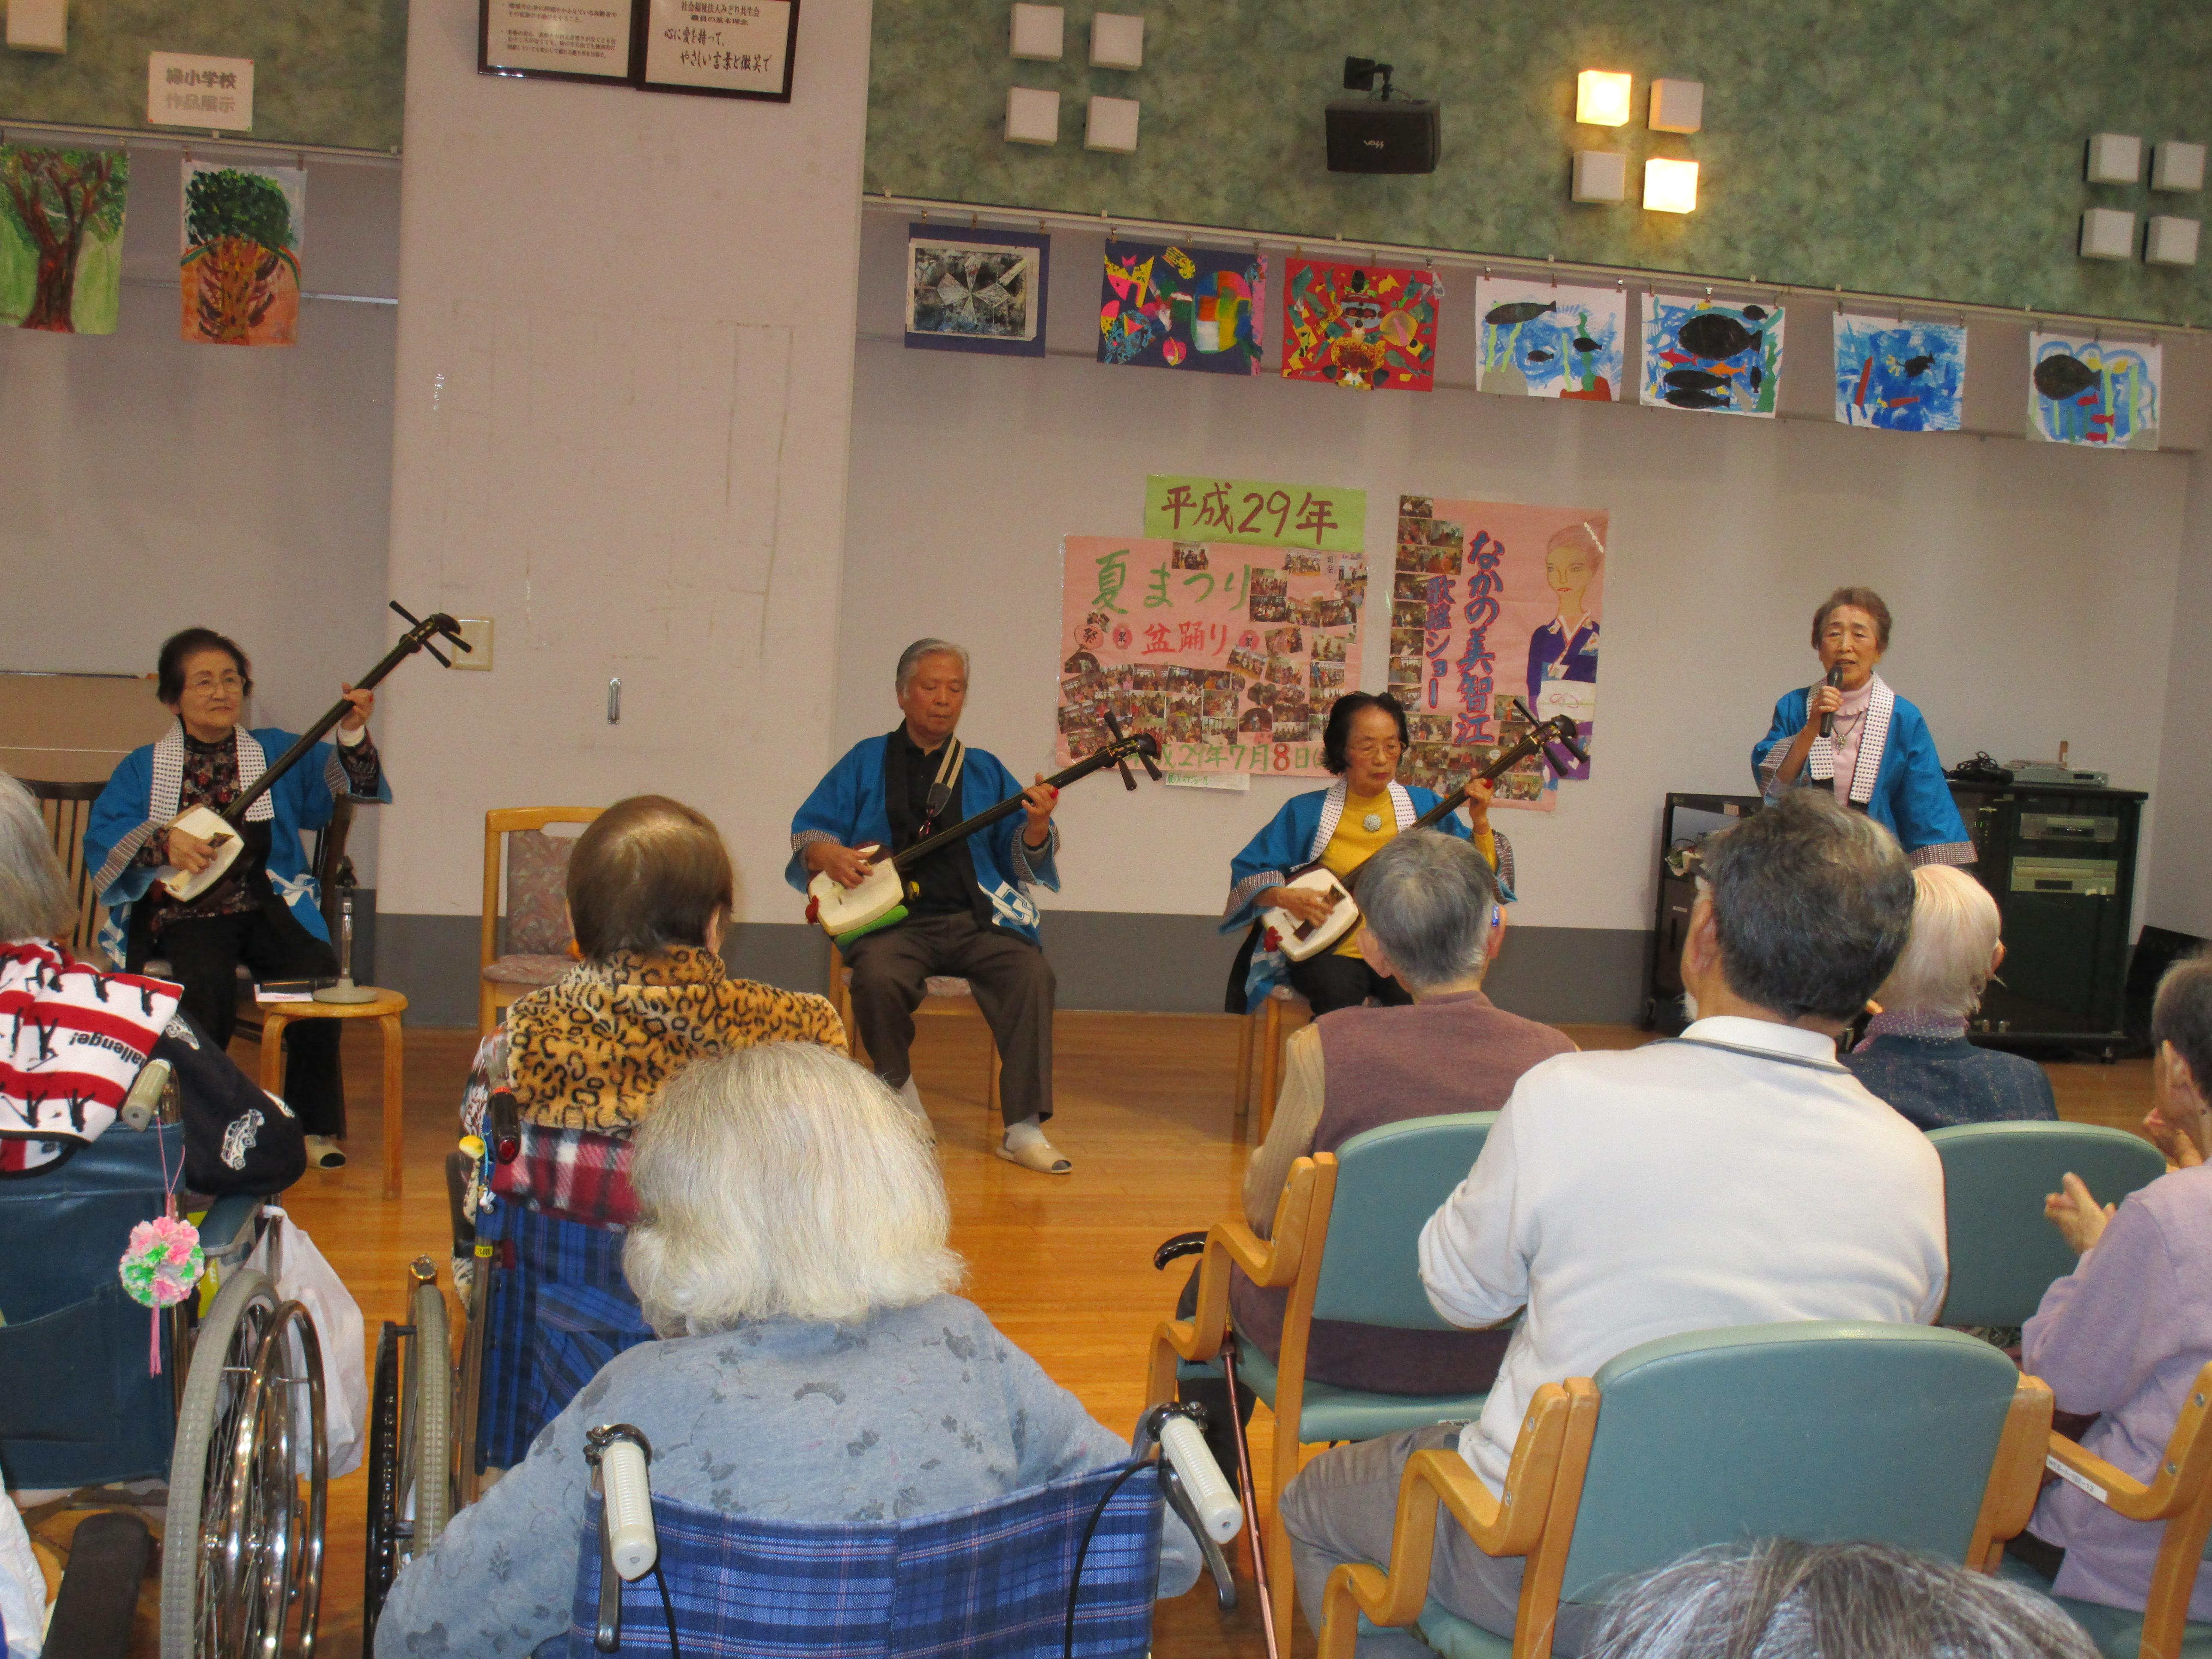 民謡の慰問 - メゾンヴェルト|ケアセンター